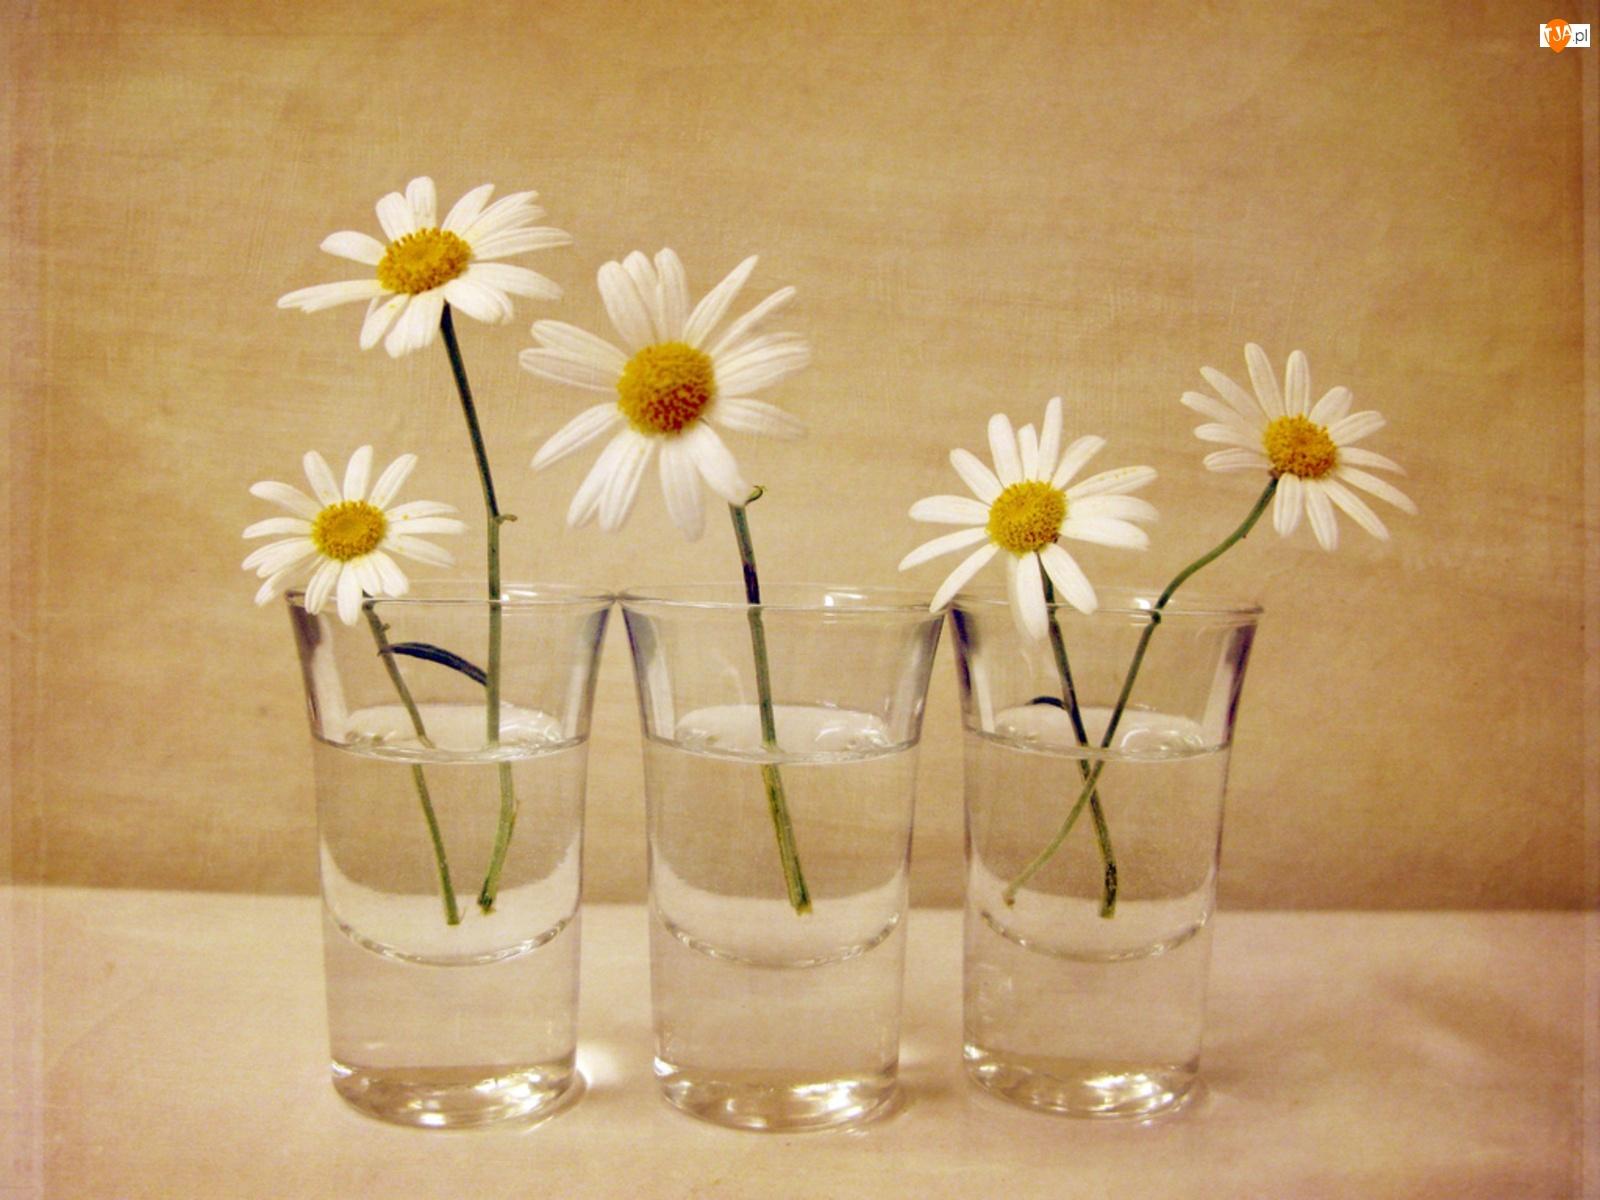 Szklanki, Margarytki, Woda, Białe